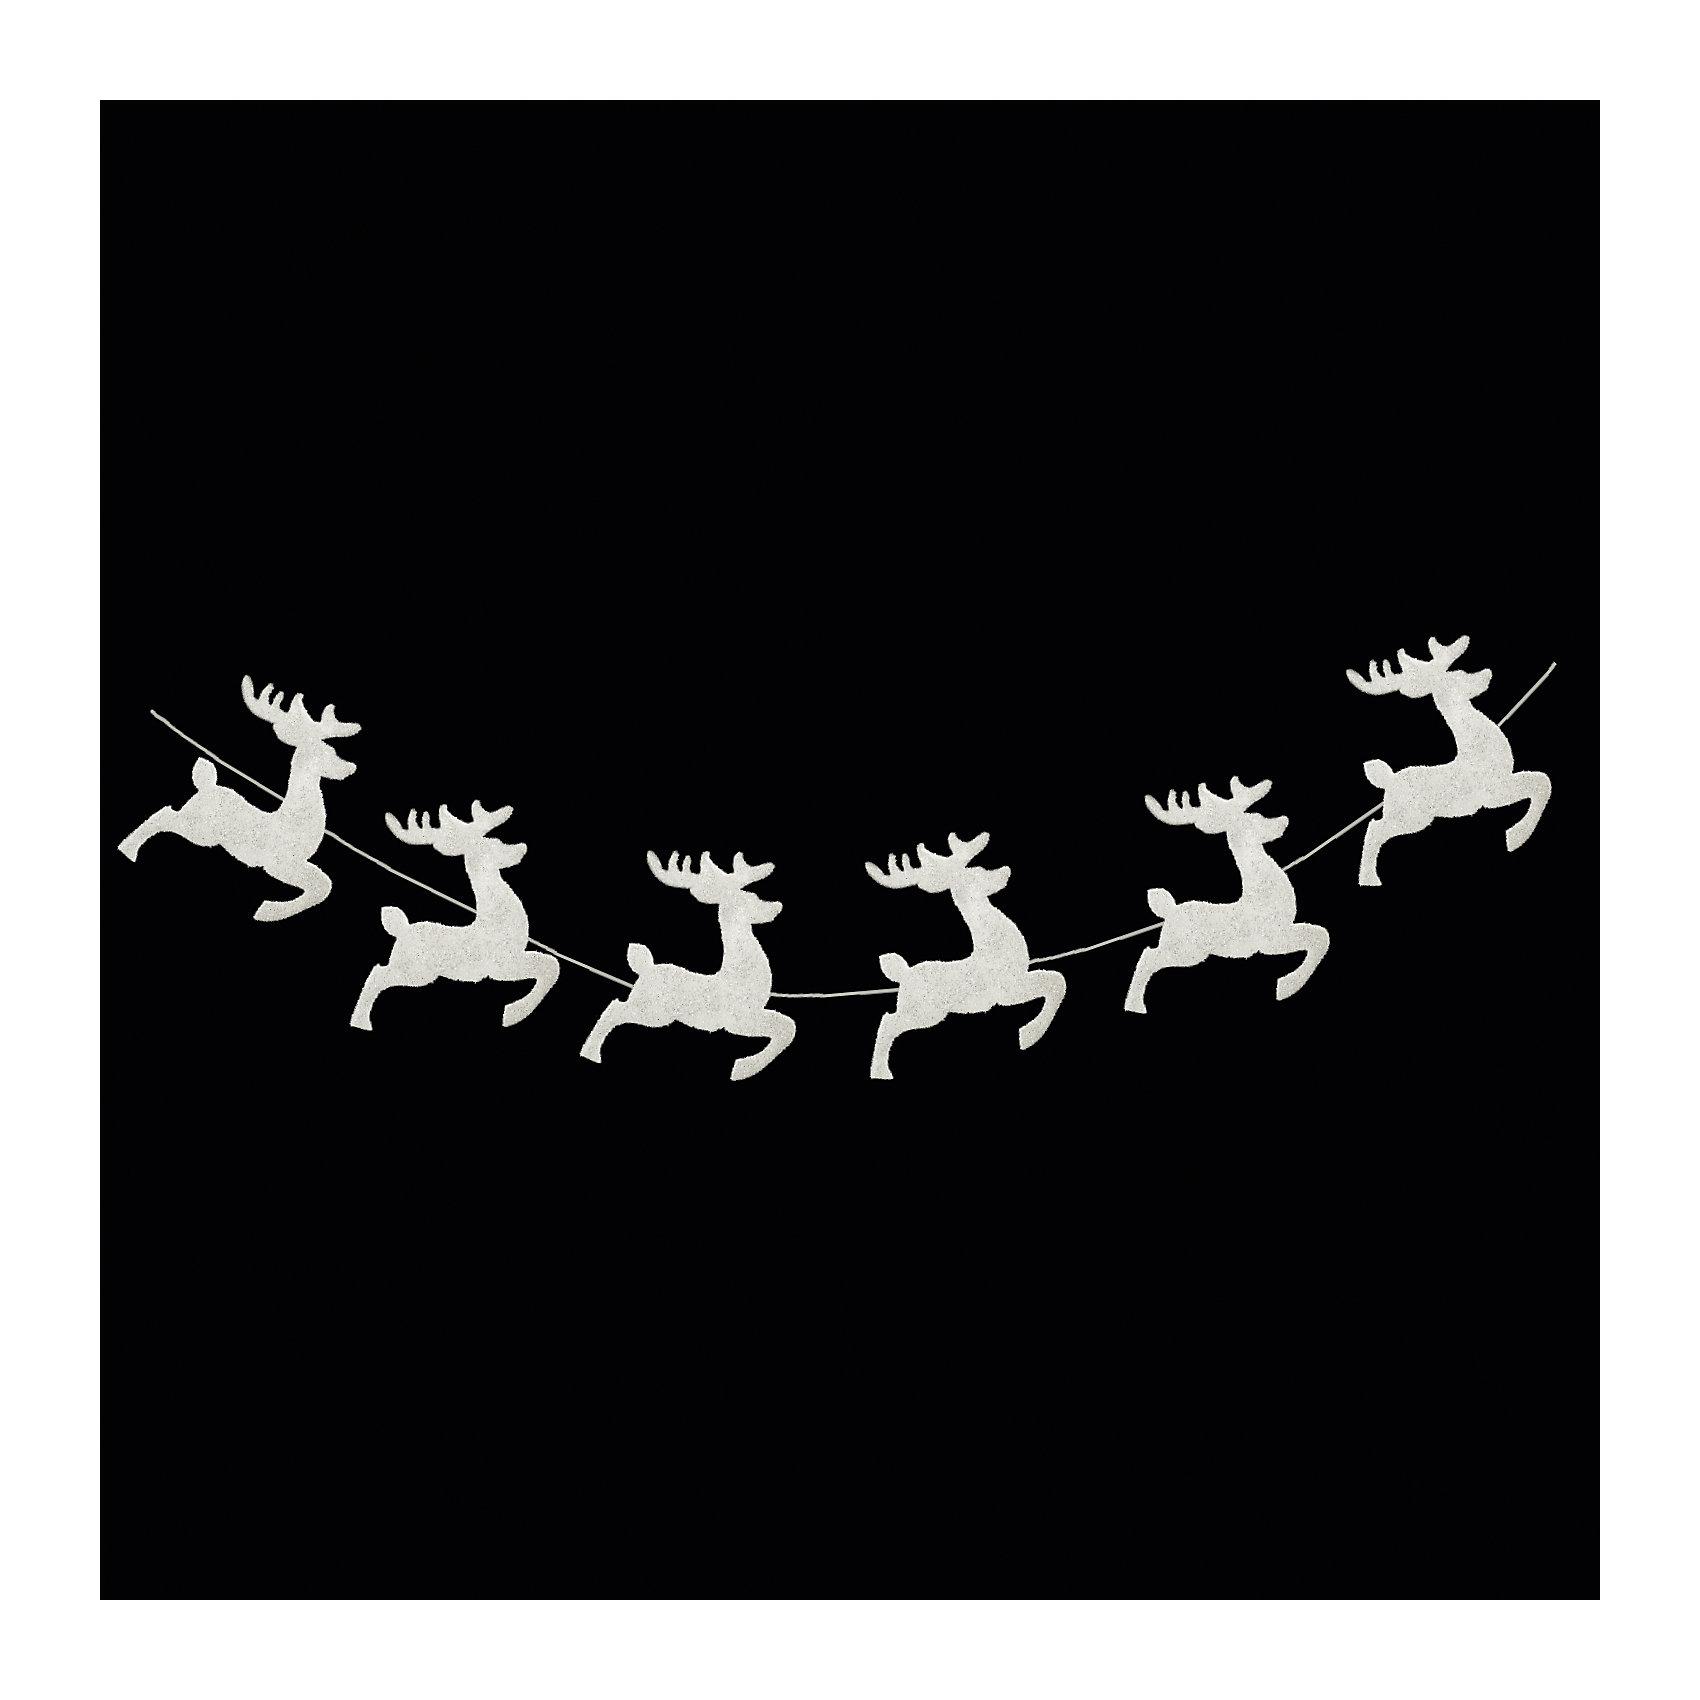 Гирлянда «СНЕЖНЫЕ ОЛЕНИ» 165смВсё для праздника<br>Характеристики товара:<br><br>- материал: полимер;<br>- размер: 165 см;<br>- назначение: украшение.<br><br>Каждый праздник имеет свои традиции, без которых он будет неполным. Украшение дома к Новому году - это уже часть праздника! Особую атмосферу поможет создать такое украшение - оно отлично смотрится в любом интерьере или на елке благодаря универсальной расцветке.<br>Украшение сделано из материалов, безопасных для детей. Оно также станет отличным сувениром для коллег, знакомых или родных.<br><br>Гирлянду «СНЕЖНЫЕ ОЛЕНИ» можно купить в нашем интернет-магазине.<br><br>Ширина мм: 1650<br>Глубина мм: 130<br>Высота мм: 140<br>Вес г: 52<br>Возраст от месяцев: 48<br>Возраст до месяцев: 144<br>Пол: Унисекс<br>Возраст: Детский<br>SKU: 5033607